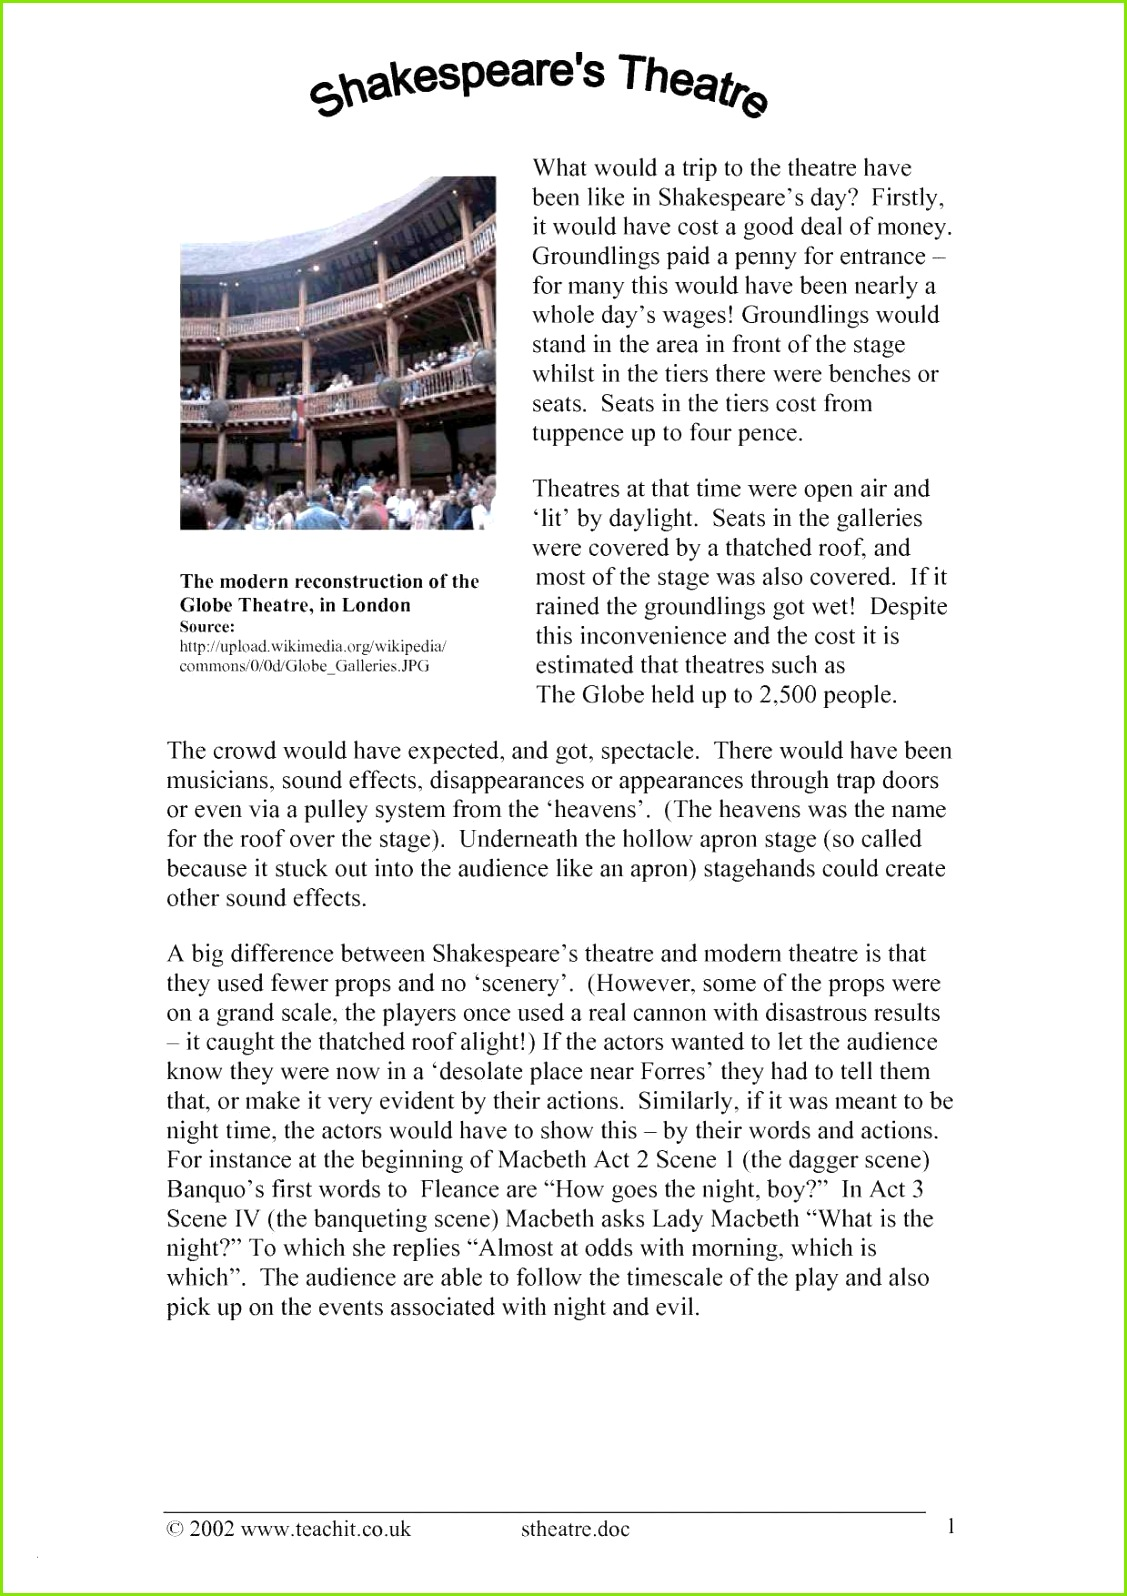 Pressemitteilung Vorlage Druckbare 35 Idee Gastronomie Bewerbung Douglaschannelenergy 29 Herunterladbare Pressemitteilung Vorlage